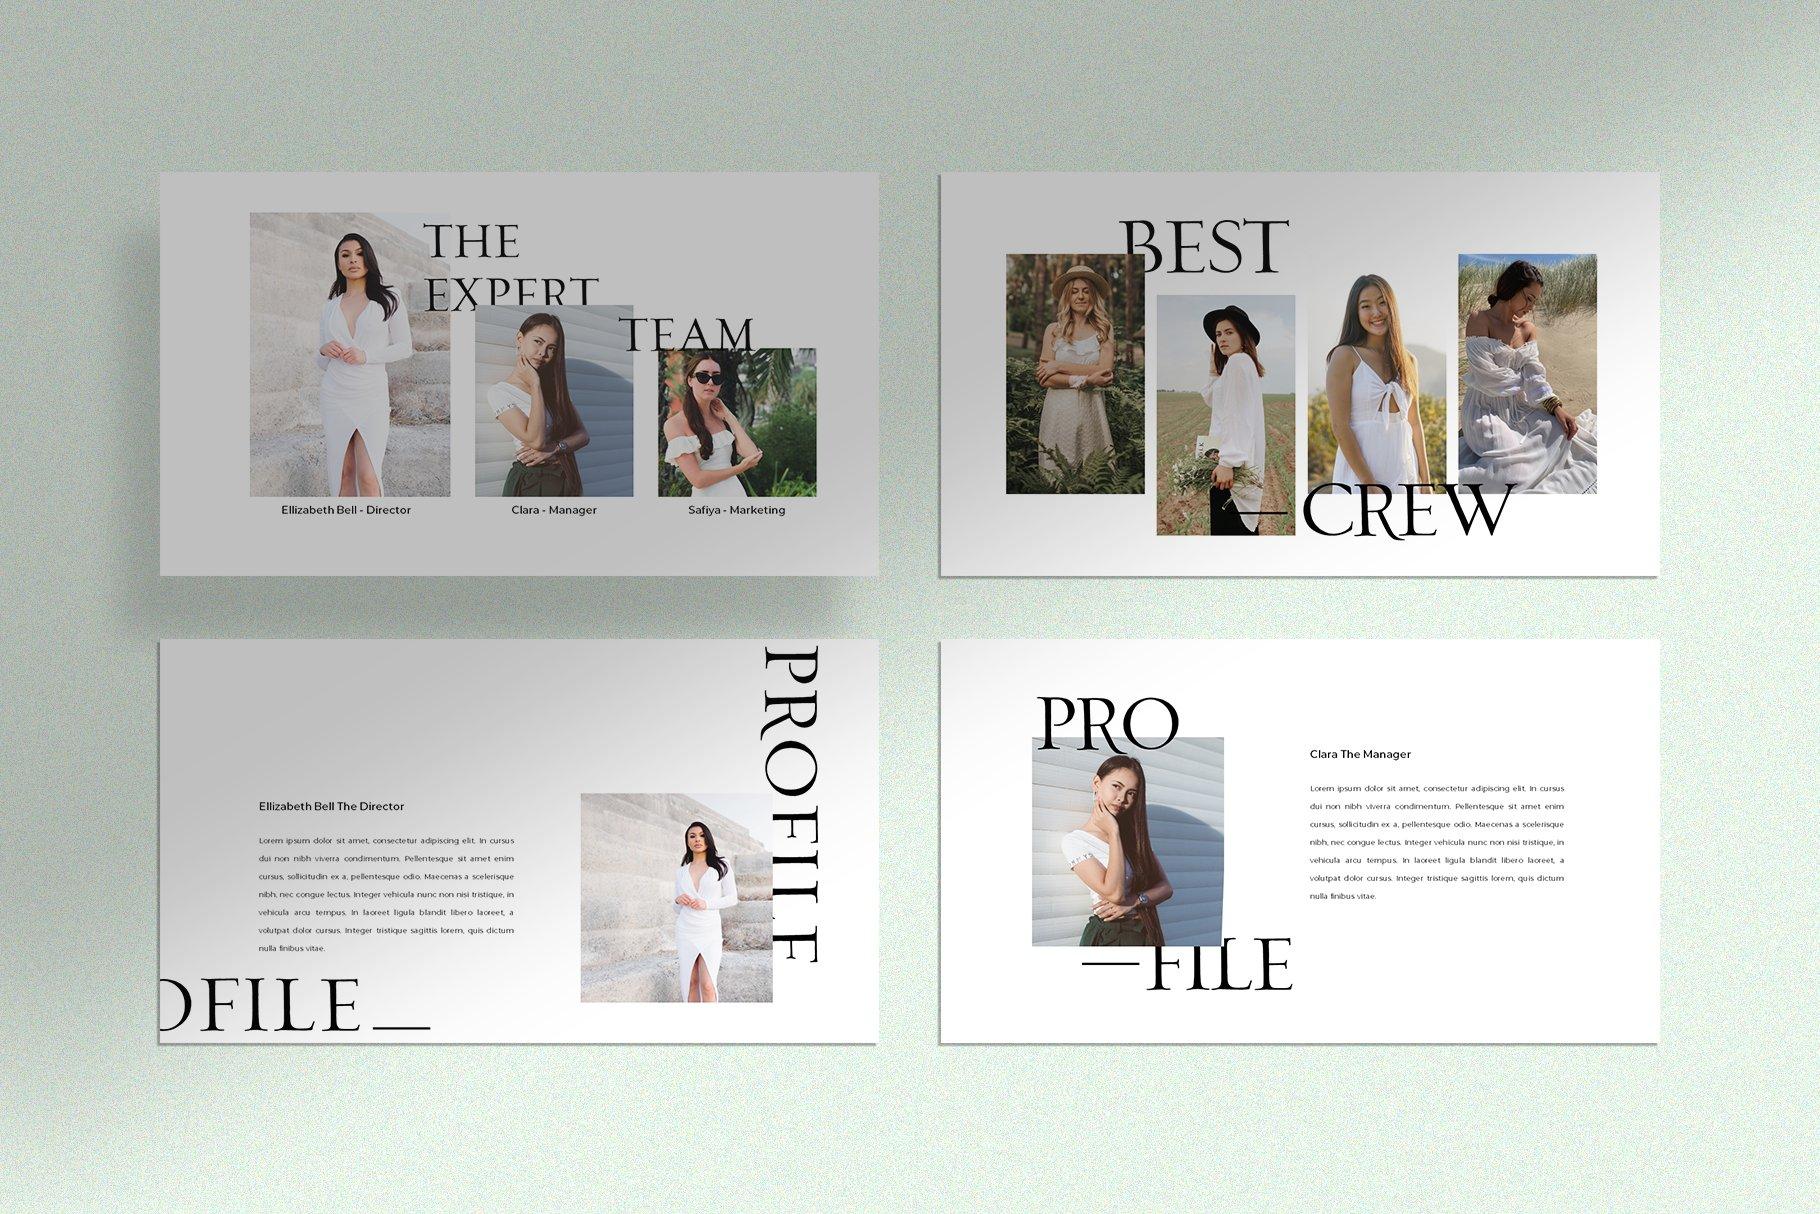 极简创意摄影作品集PPT幻灯片设计模板 Zask – Clean Presentation Template插图(5)